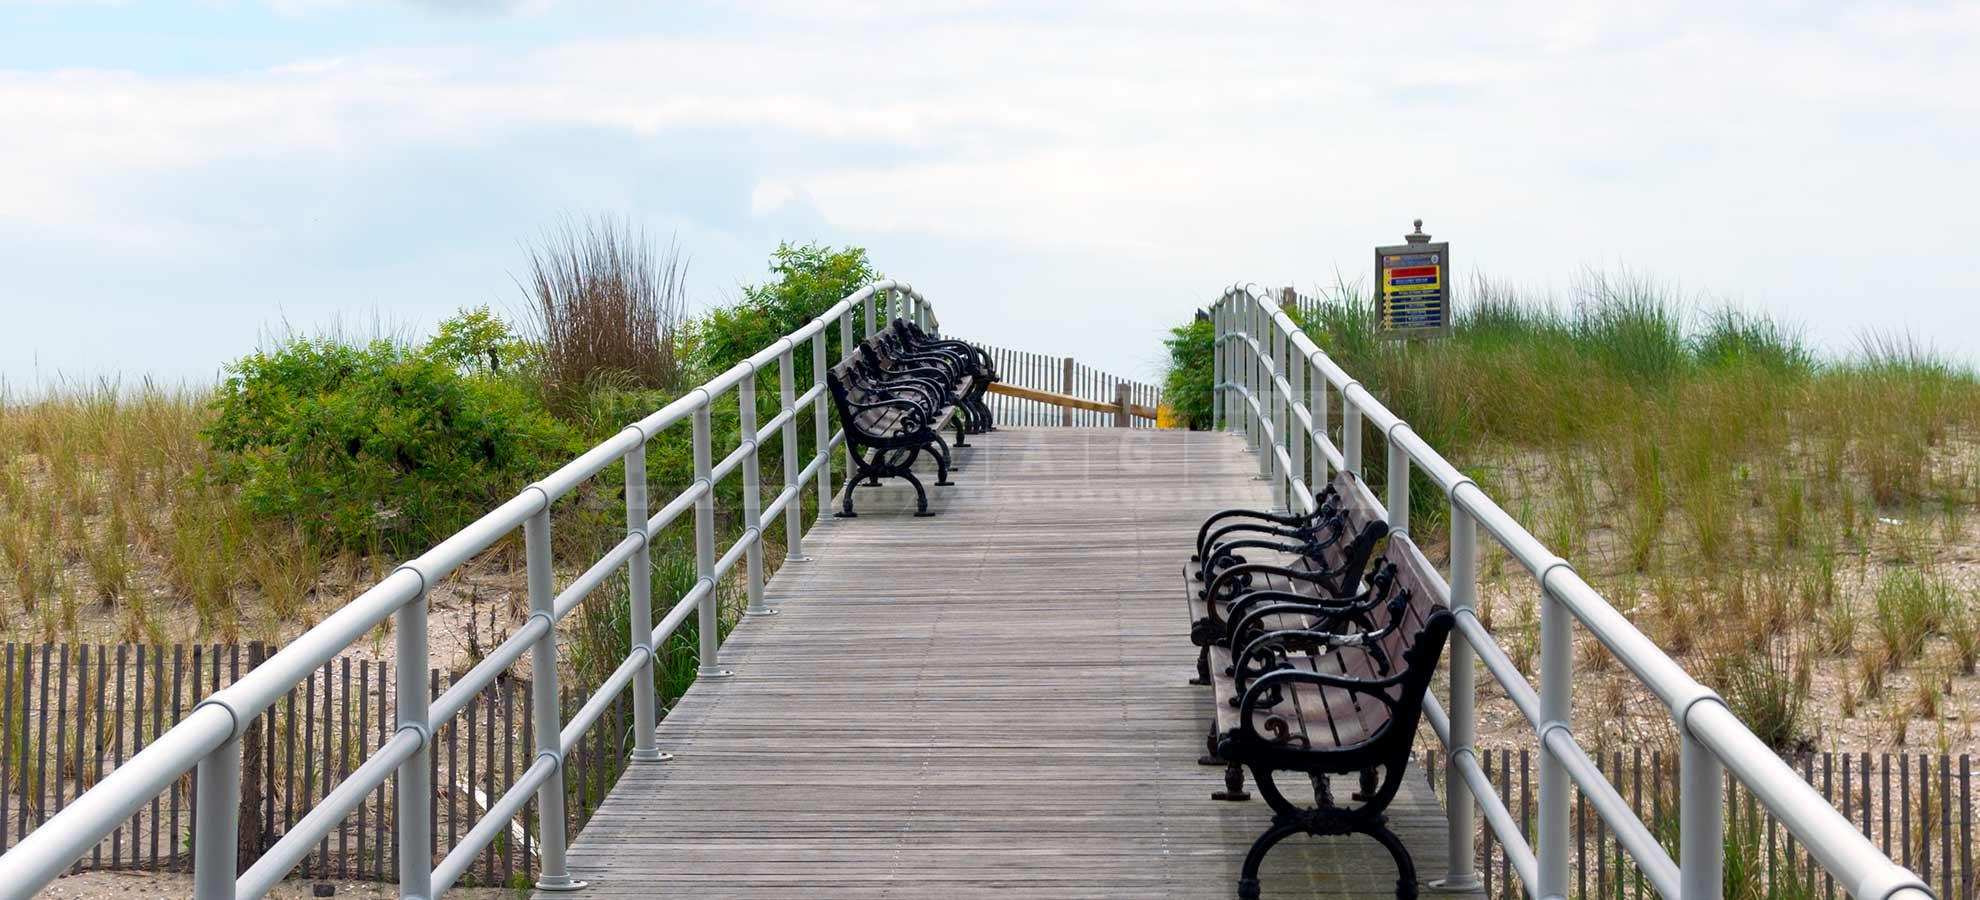 wooden bridge accross the sandy dunes in Atlantic City